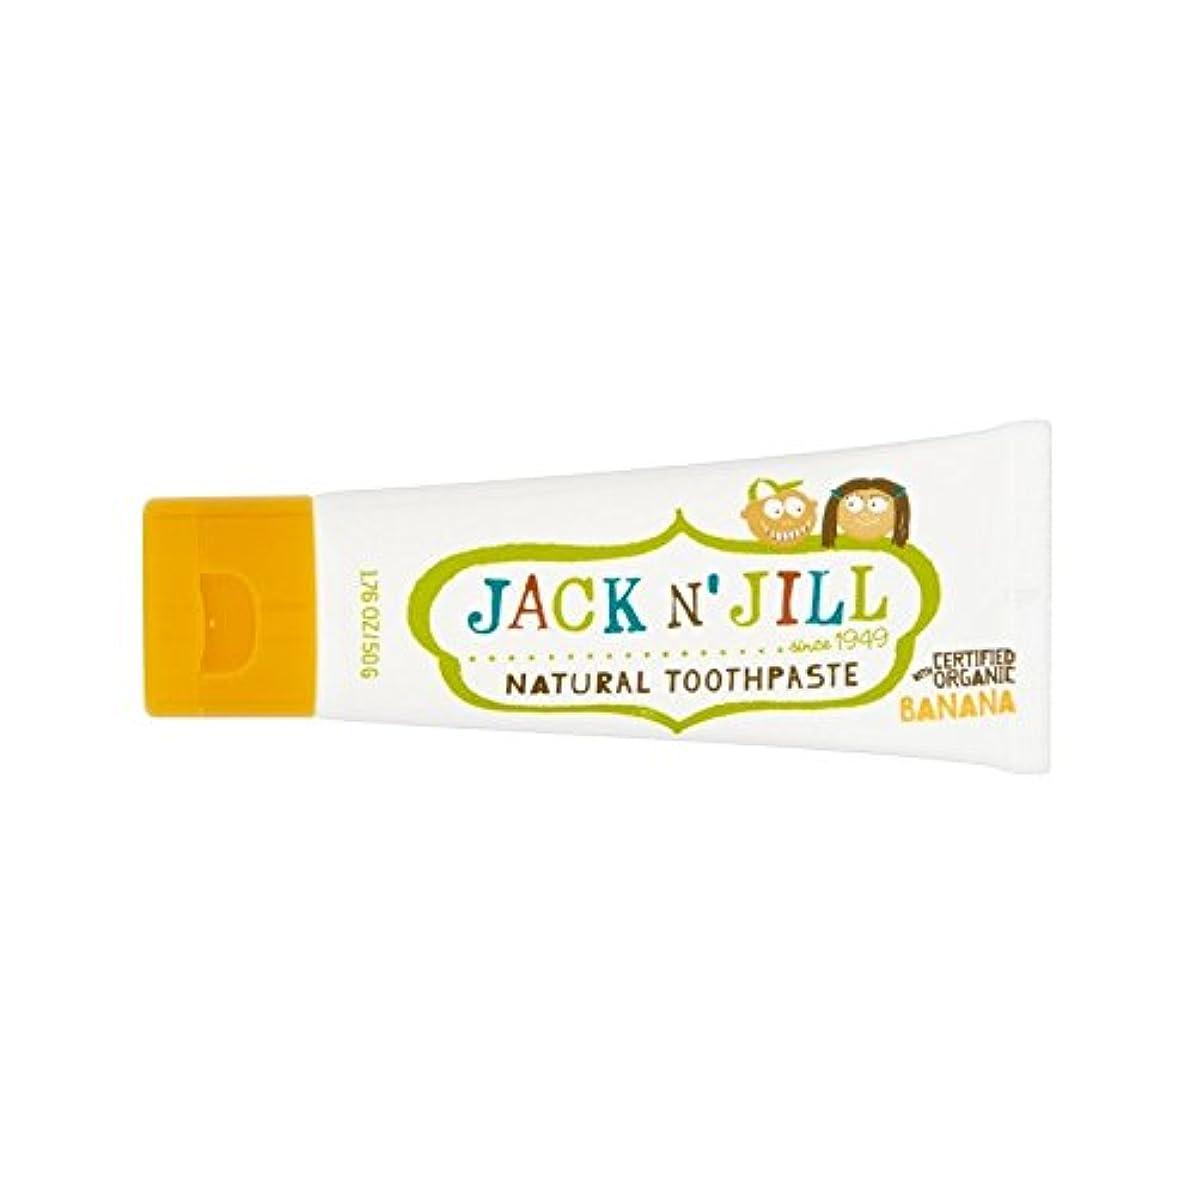 法王カラスハチ有機香味50グラムと自然バナナ歯磨き粉 (Jack N Jill) (x 6) - Jack N' Jill Banana Toothpaste Natural with Organic Flavouring 50g (...